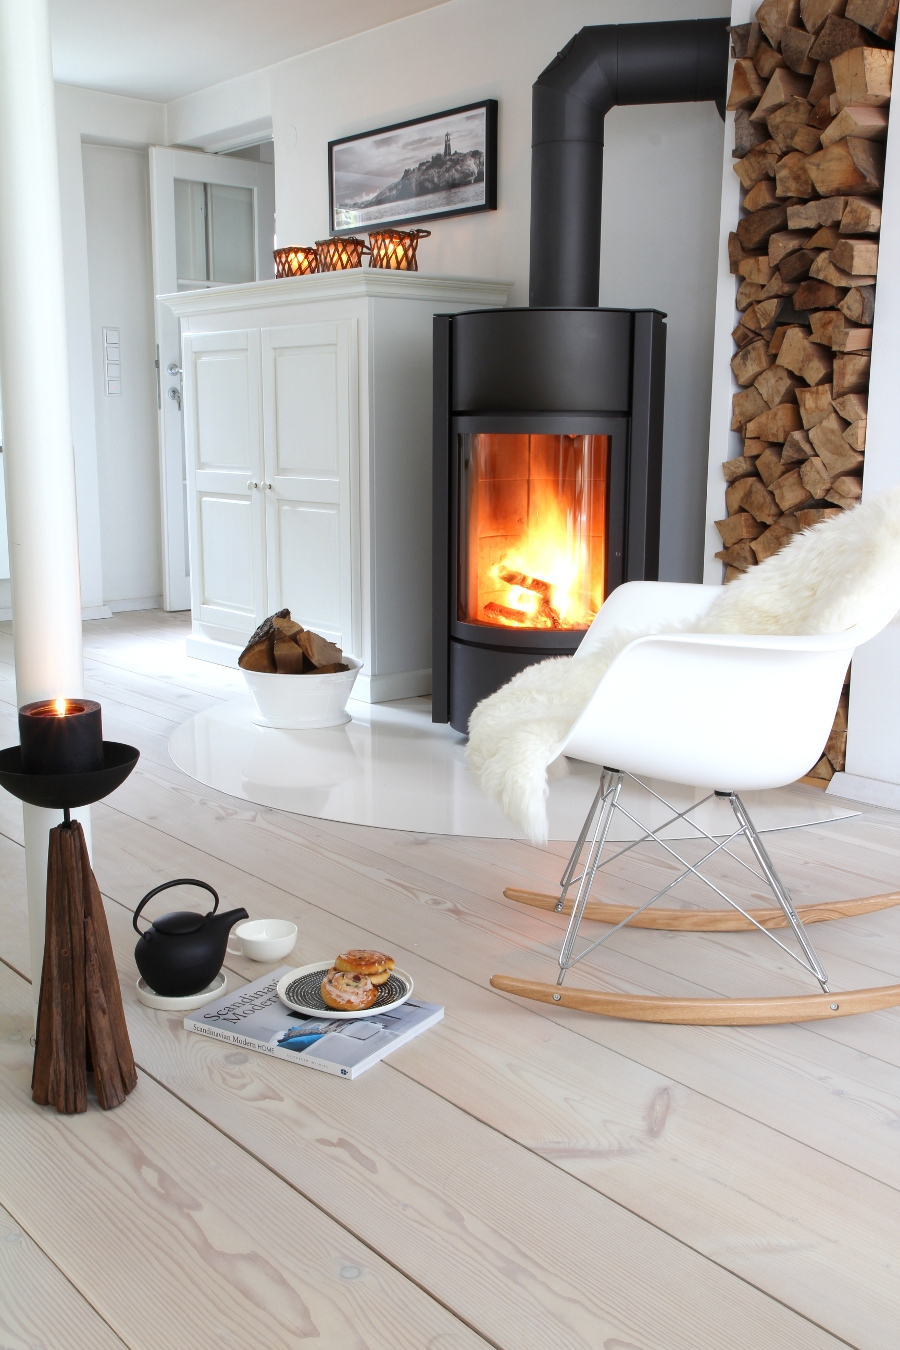 kamin fen wohnidee dekotipps und die besten hersteller. Black Bedroom Furniture Sets. Home Design Ideas